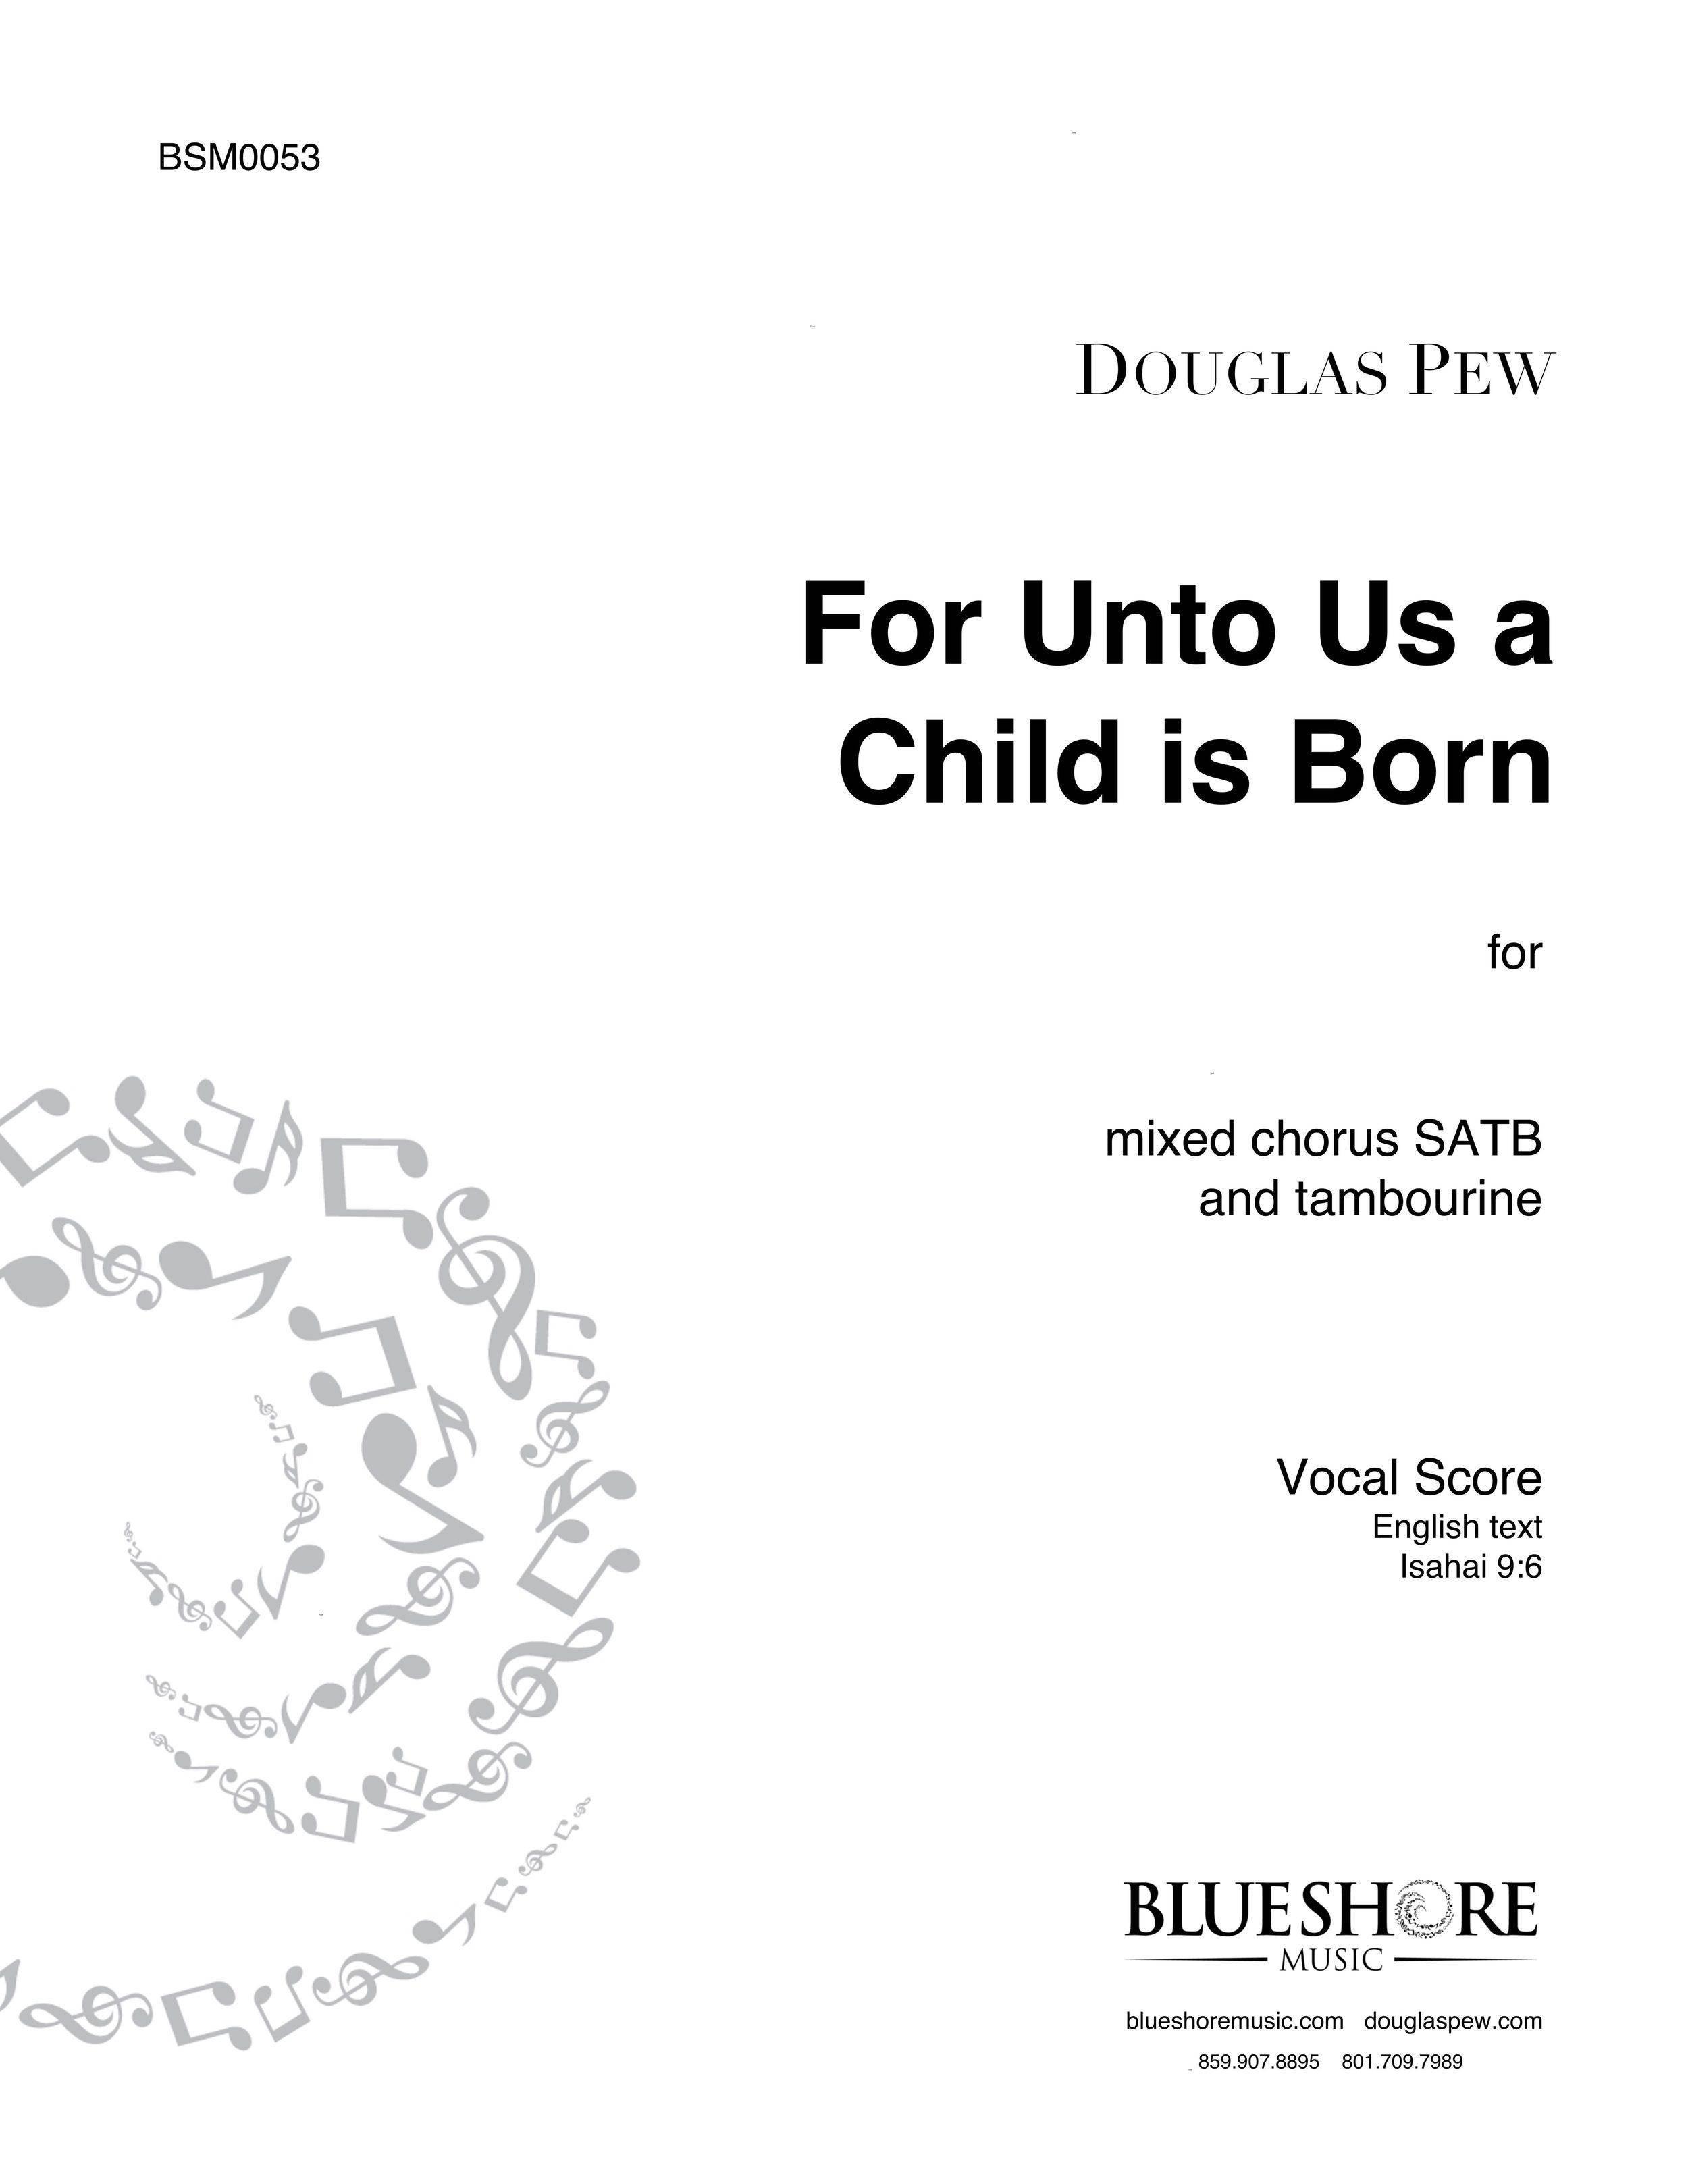 For Unto Us A Child  - SATB and Tambourine